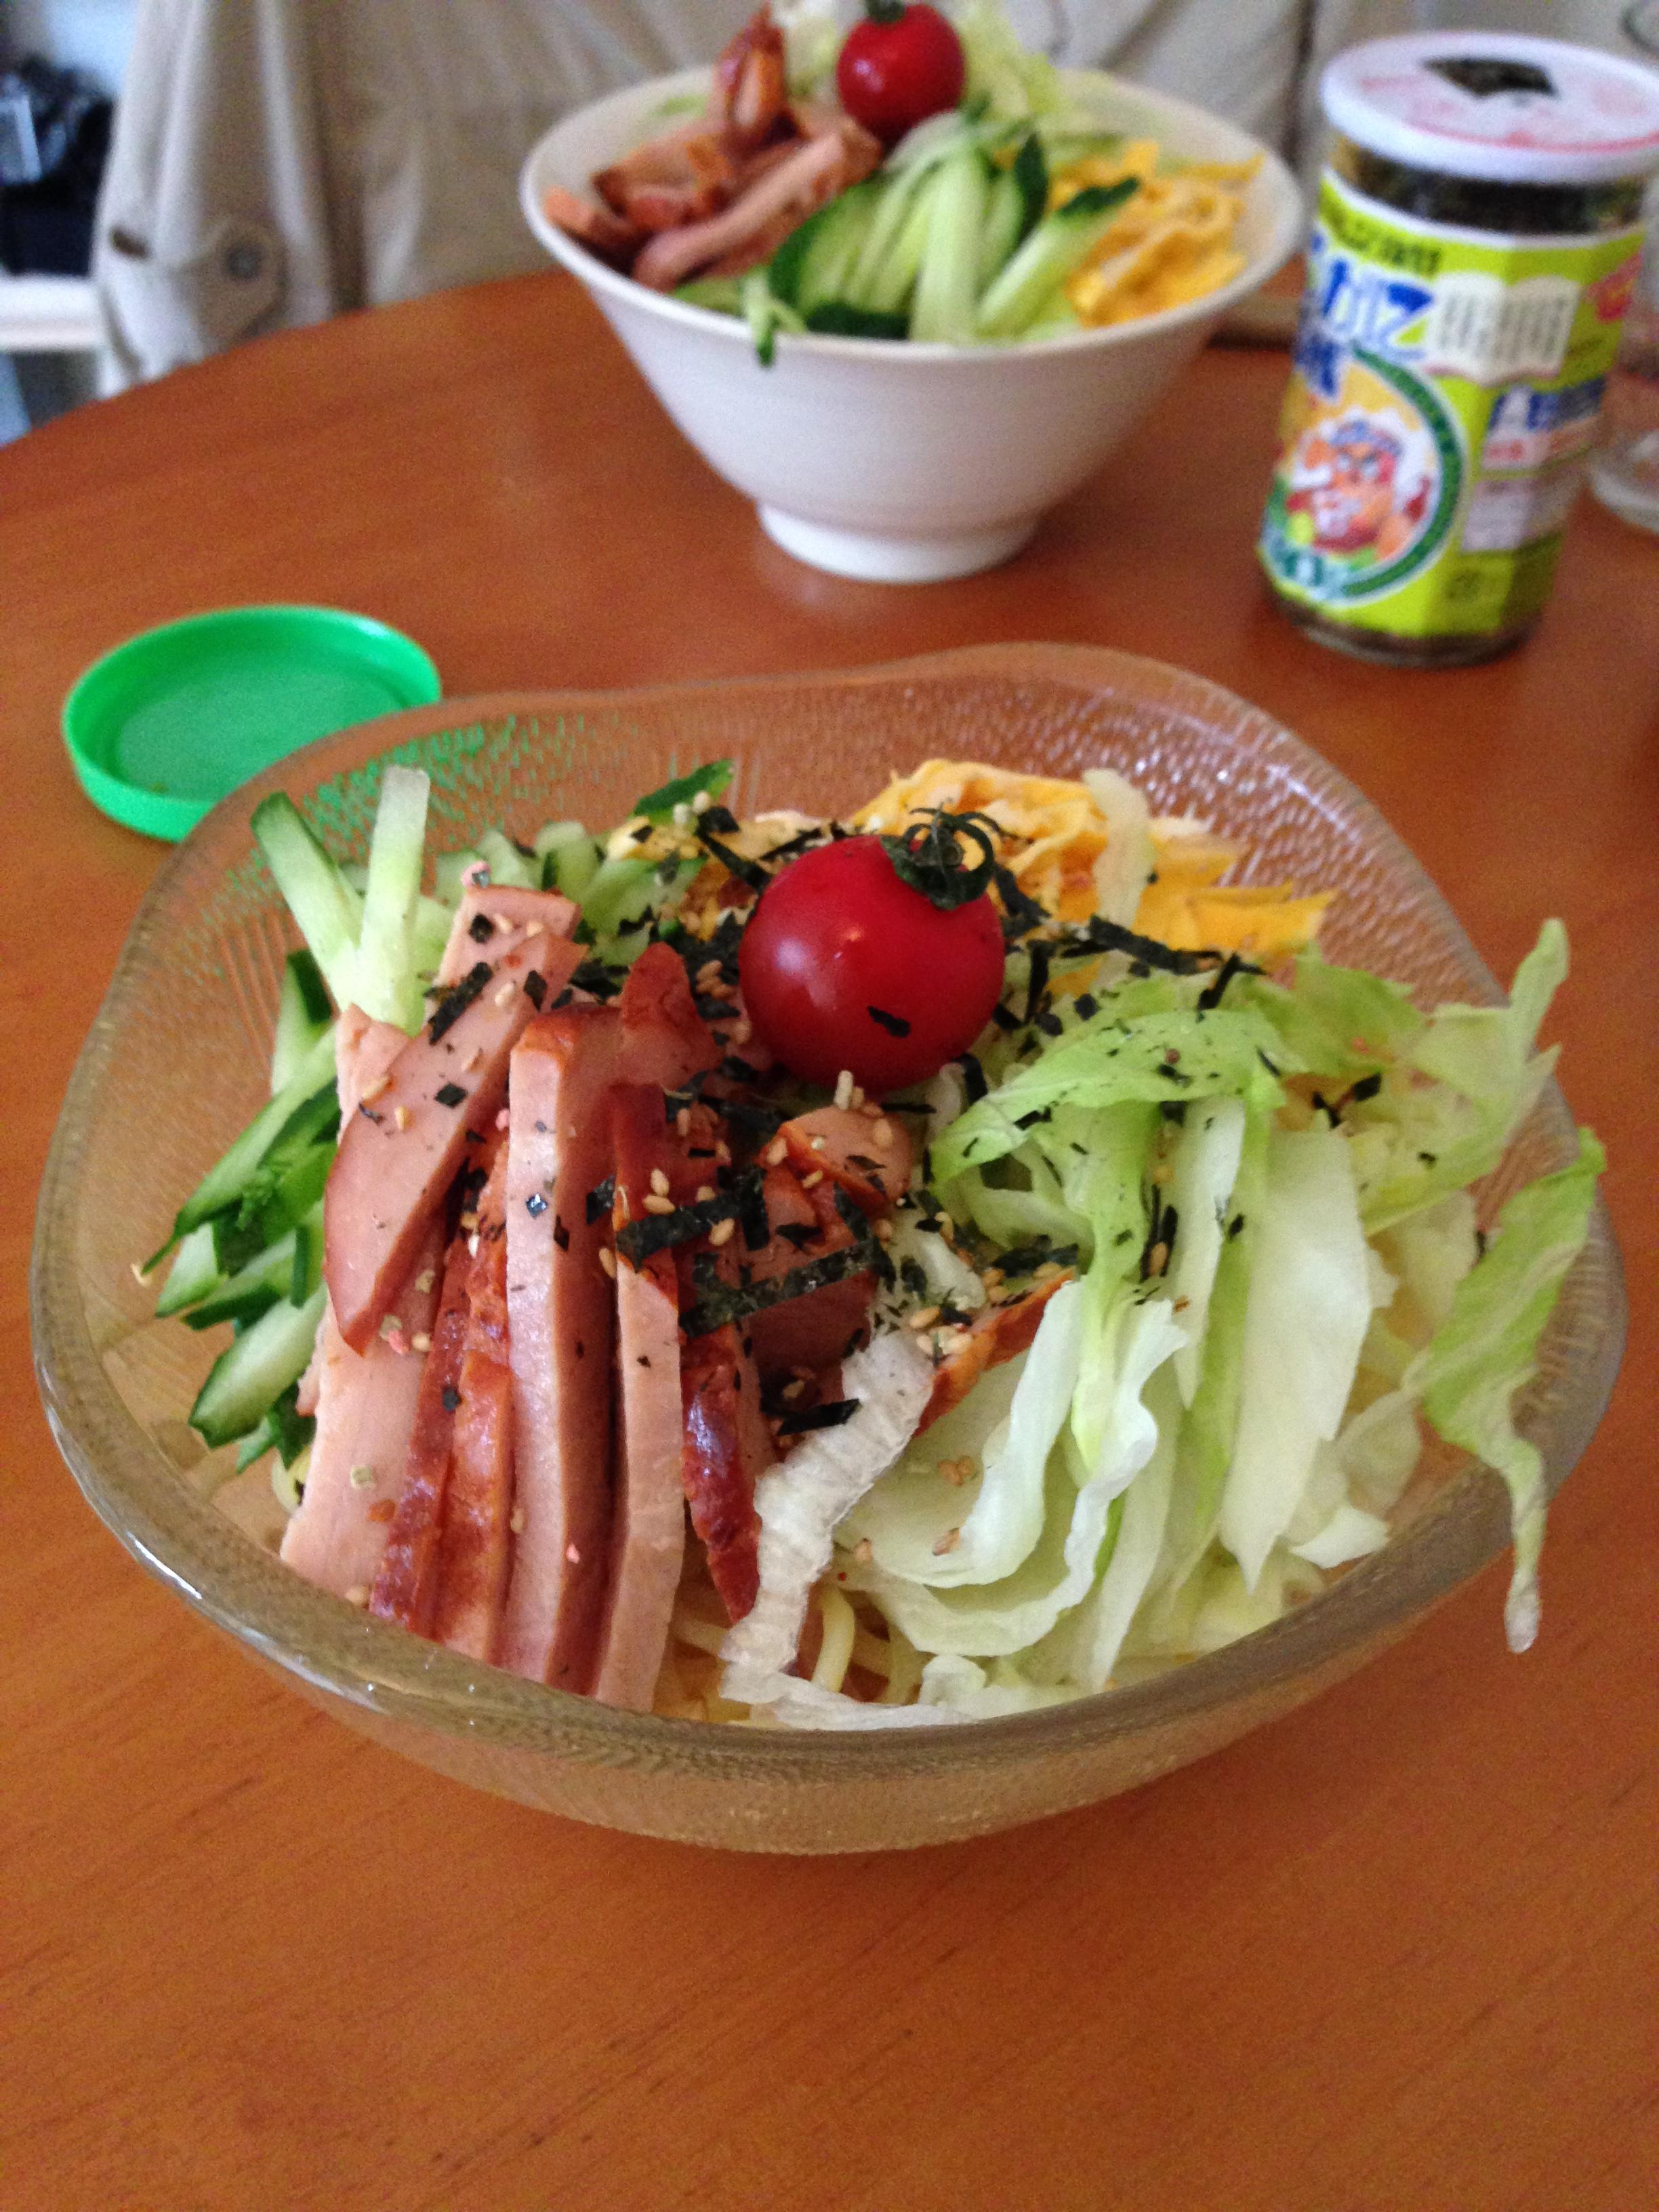 Optional last step: eat reimen 「冷麺」!